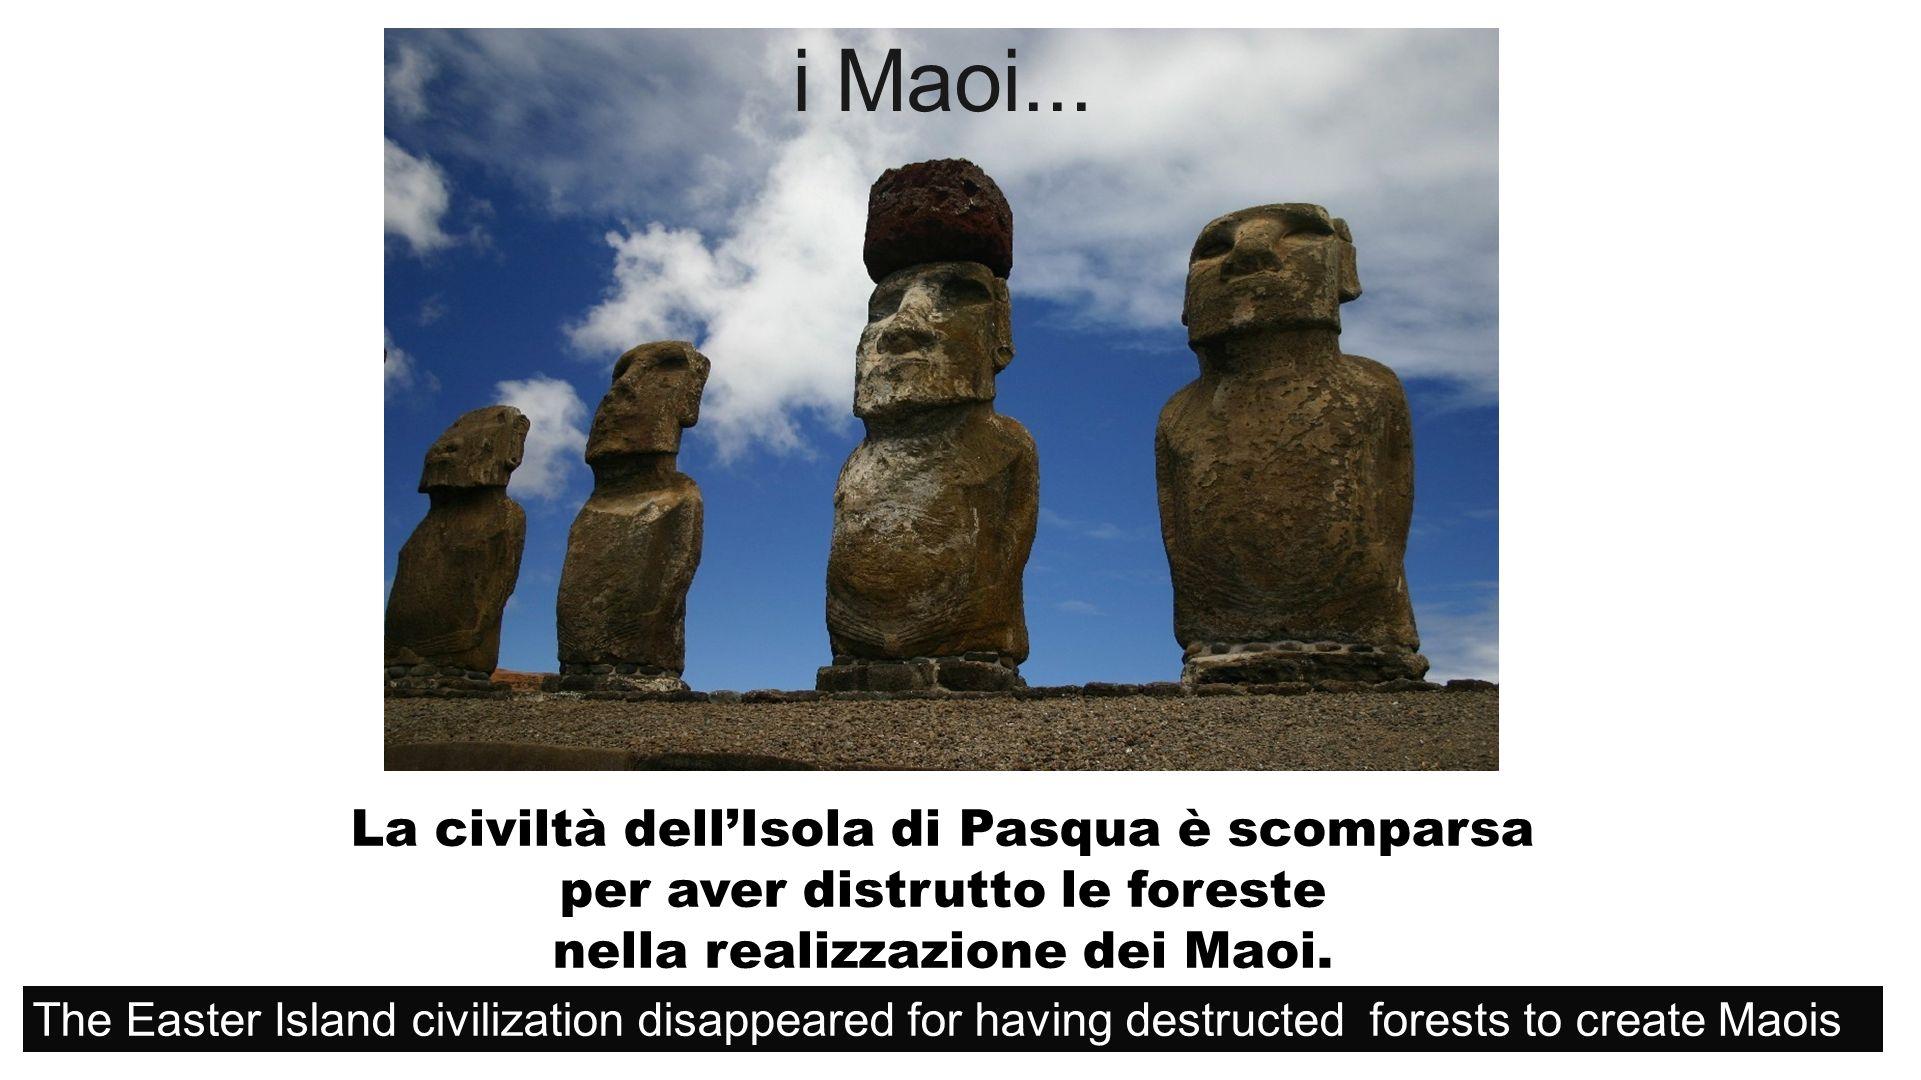 La civiltà dellIsola di Pasqua è scomparsa per aver distrutto le foreste nella realizzazione dei Maoi.